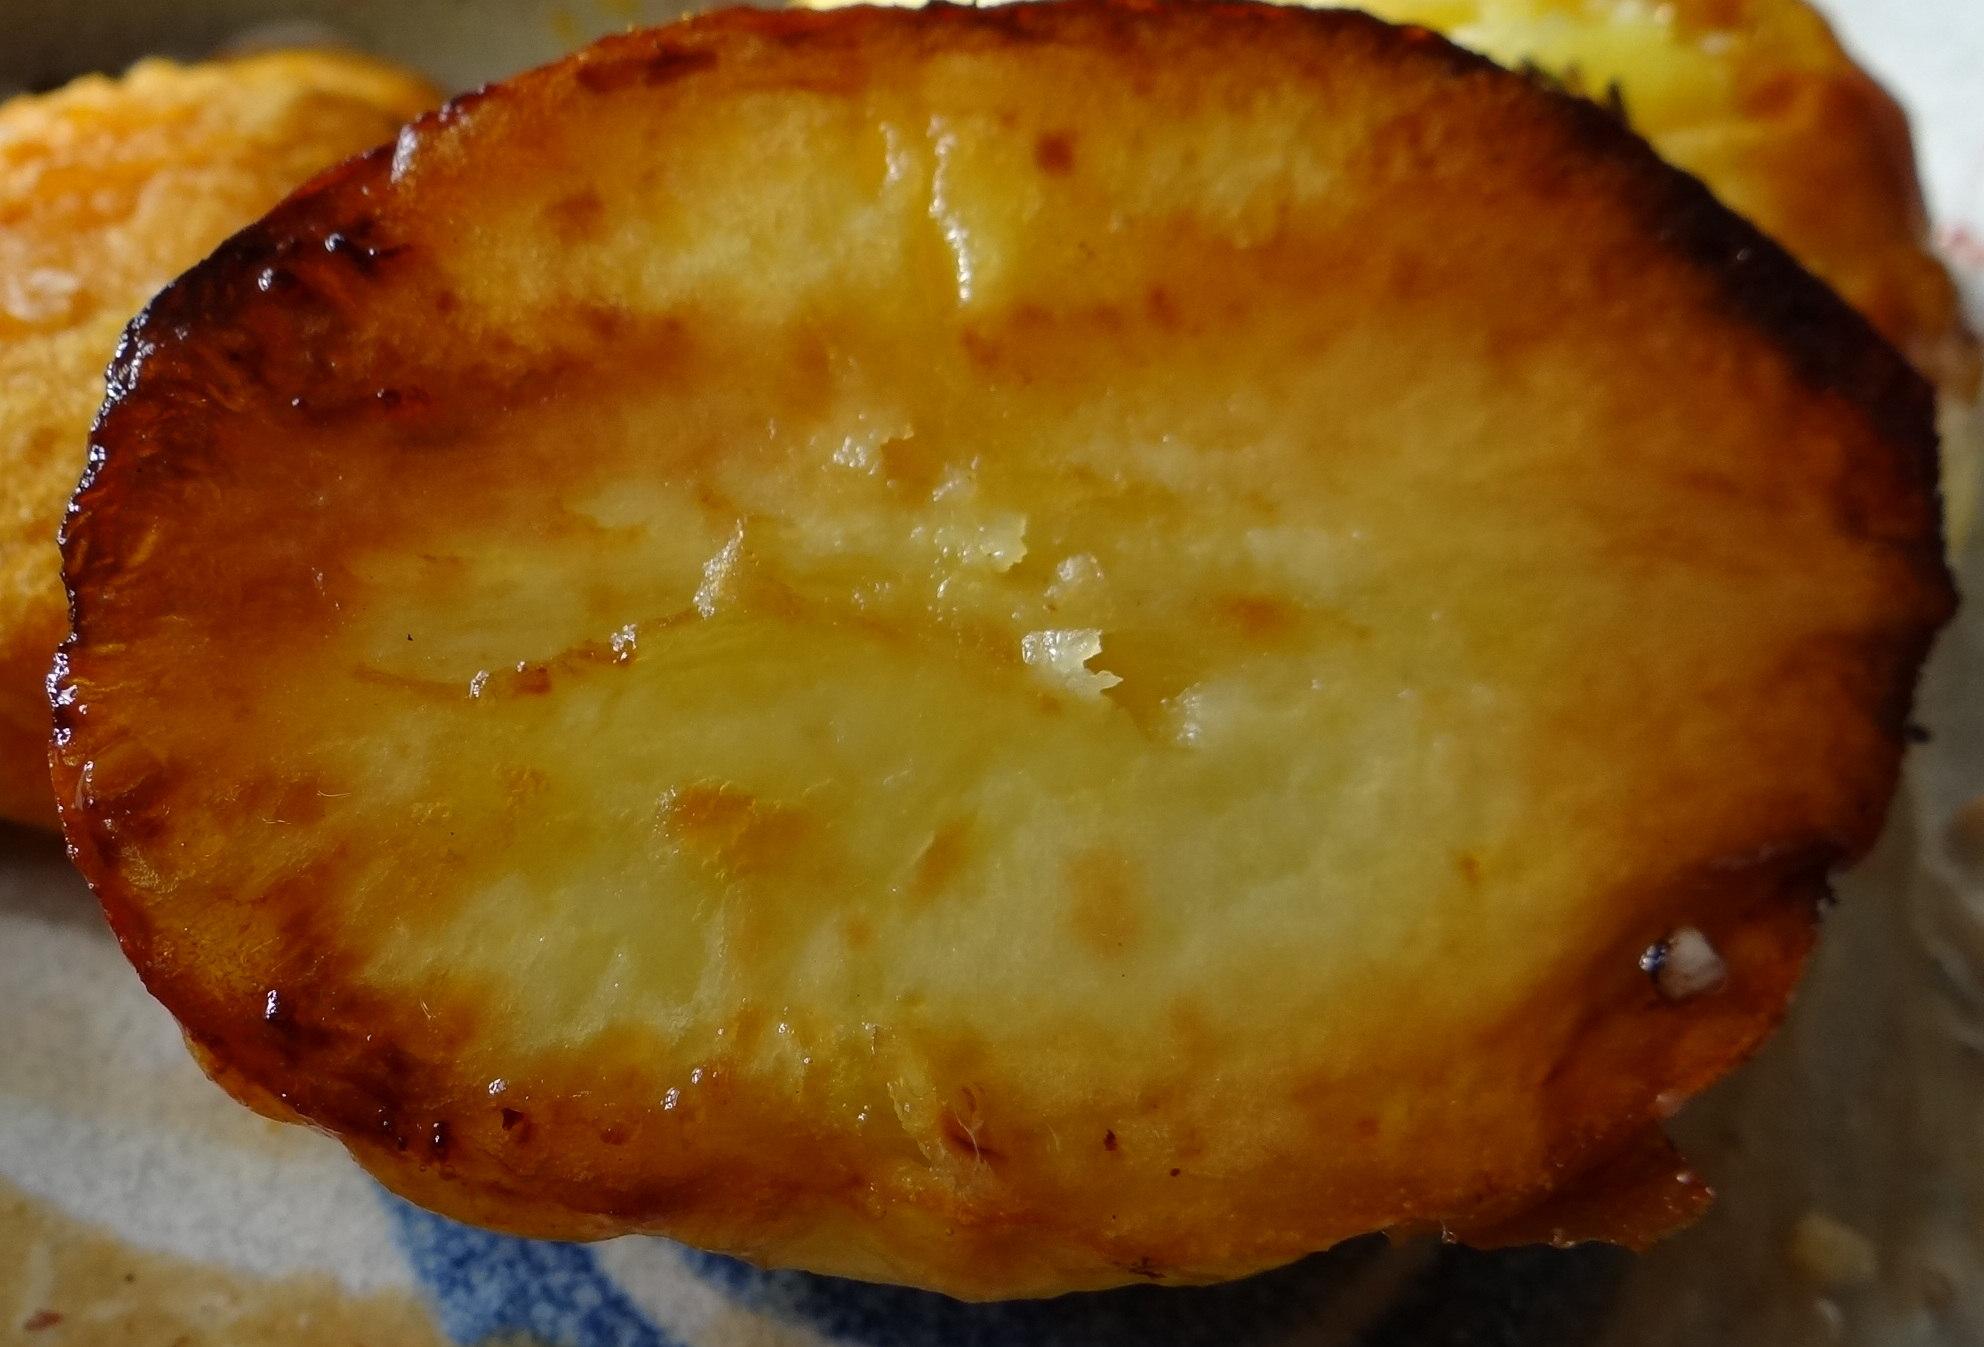 rote-beetegemuseofenkartoffelquark-dipfeldsalat-21